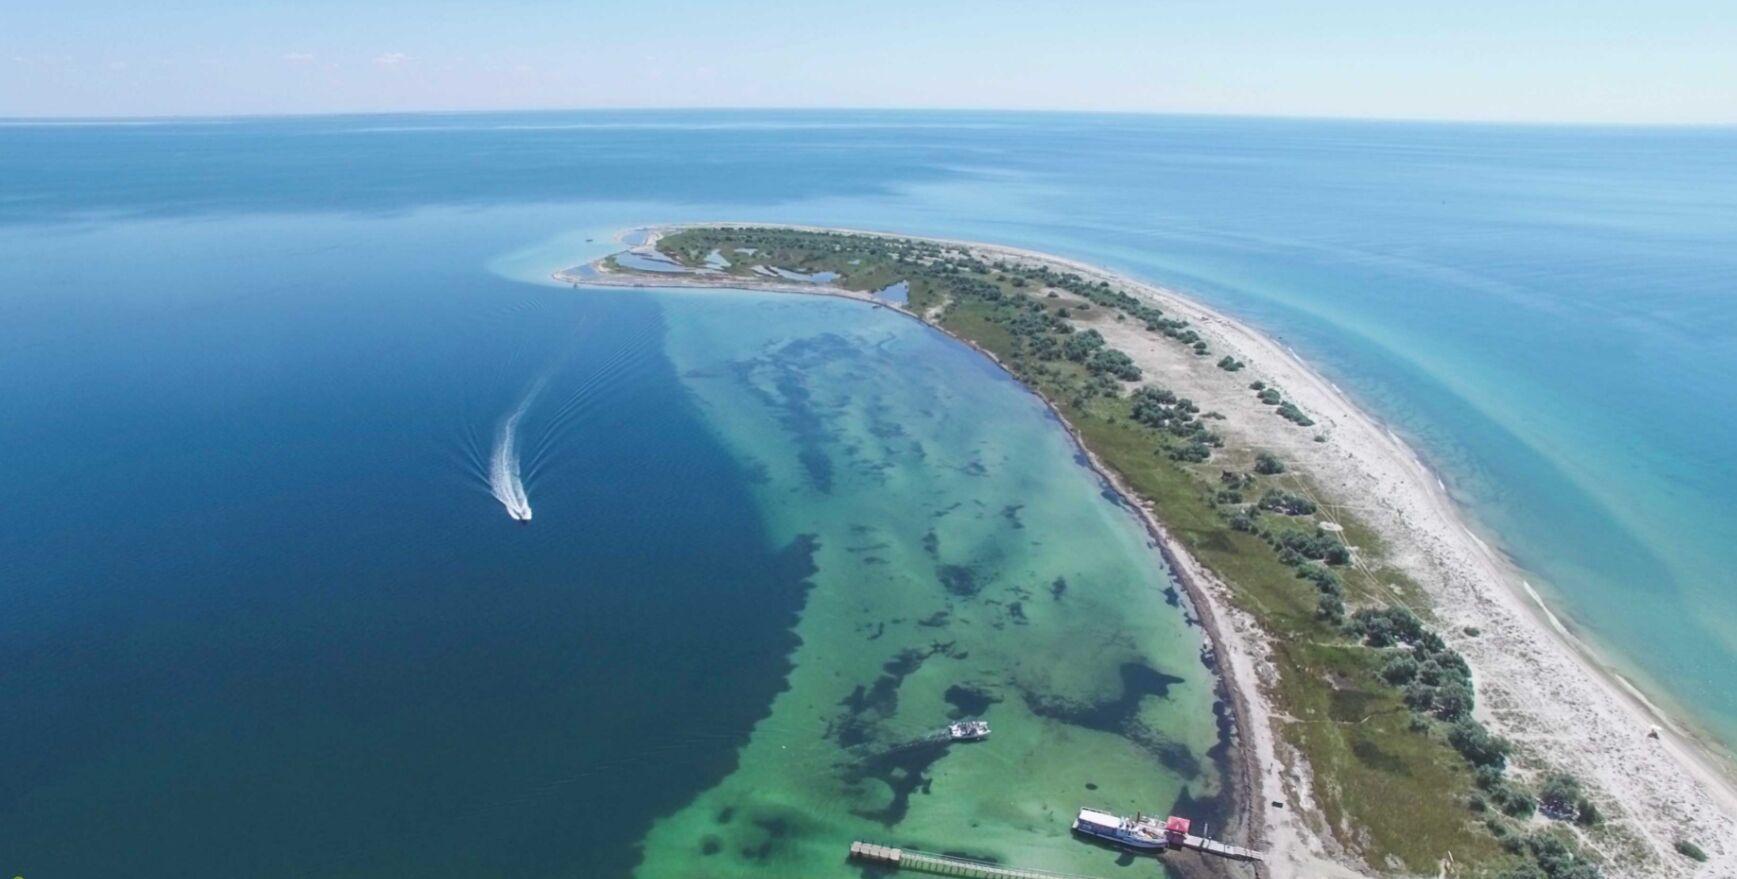 Українські Мальдіви славляться білосніжними піщаними пляжами